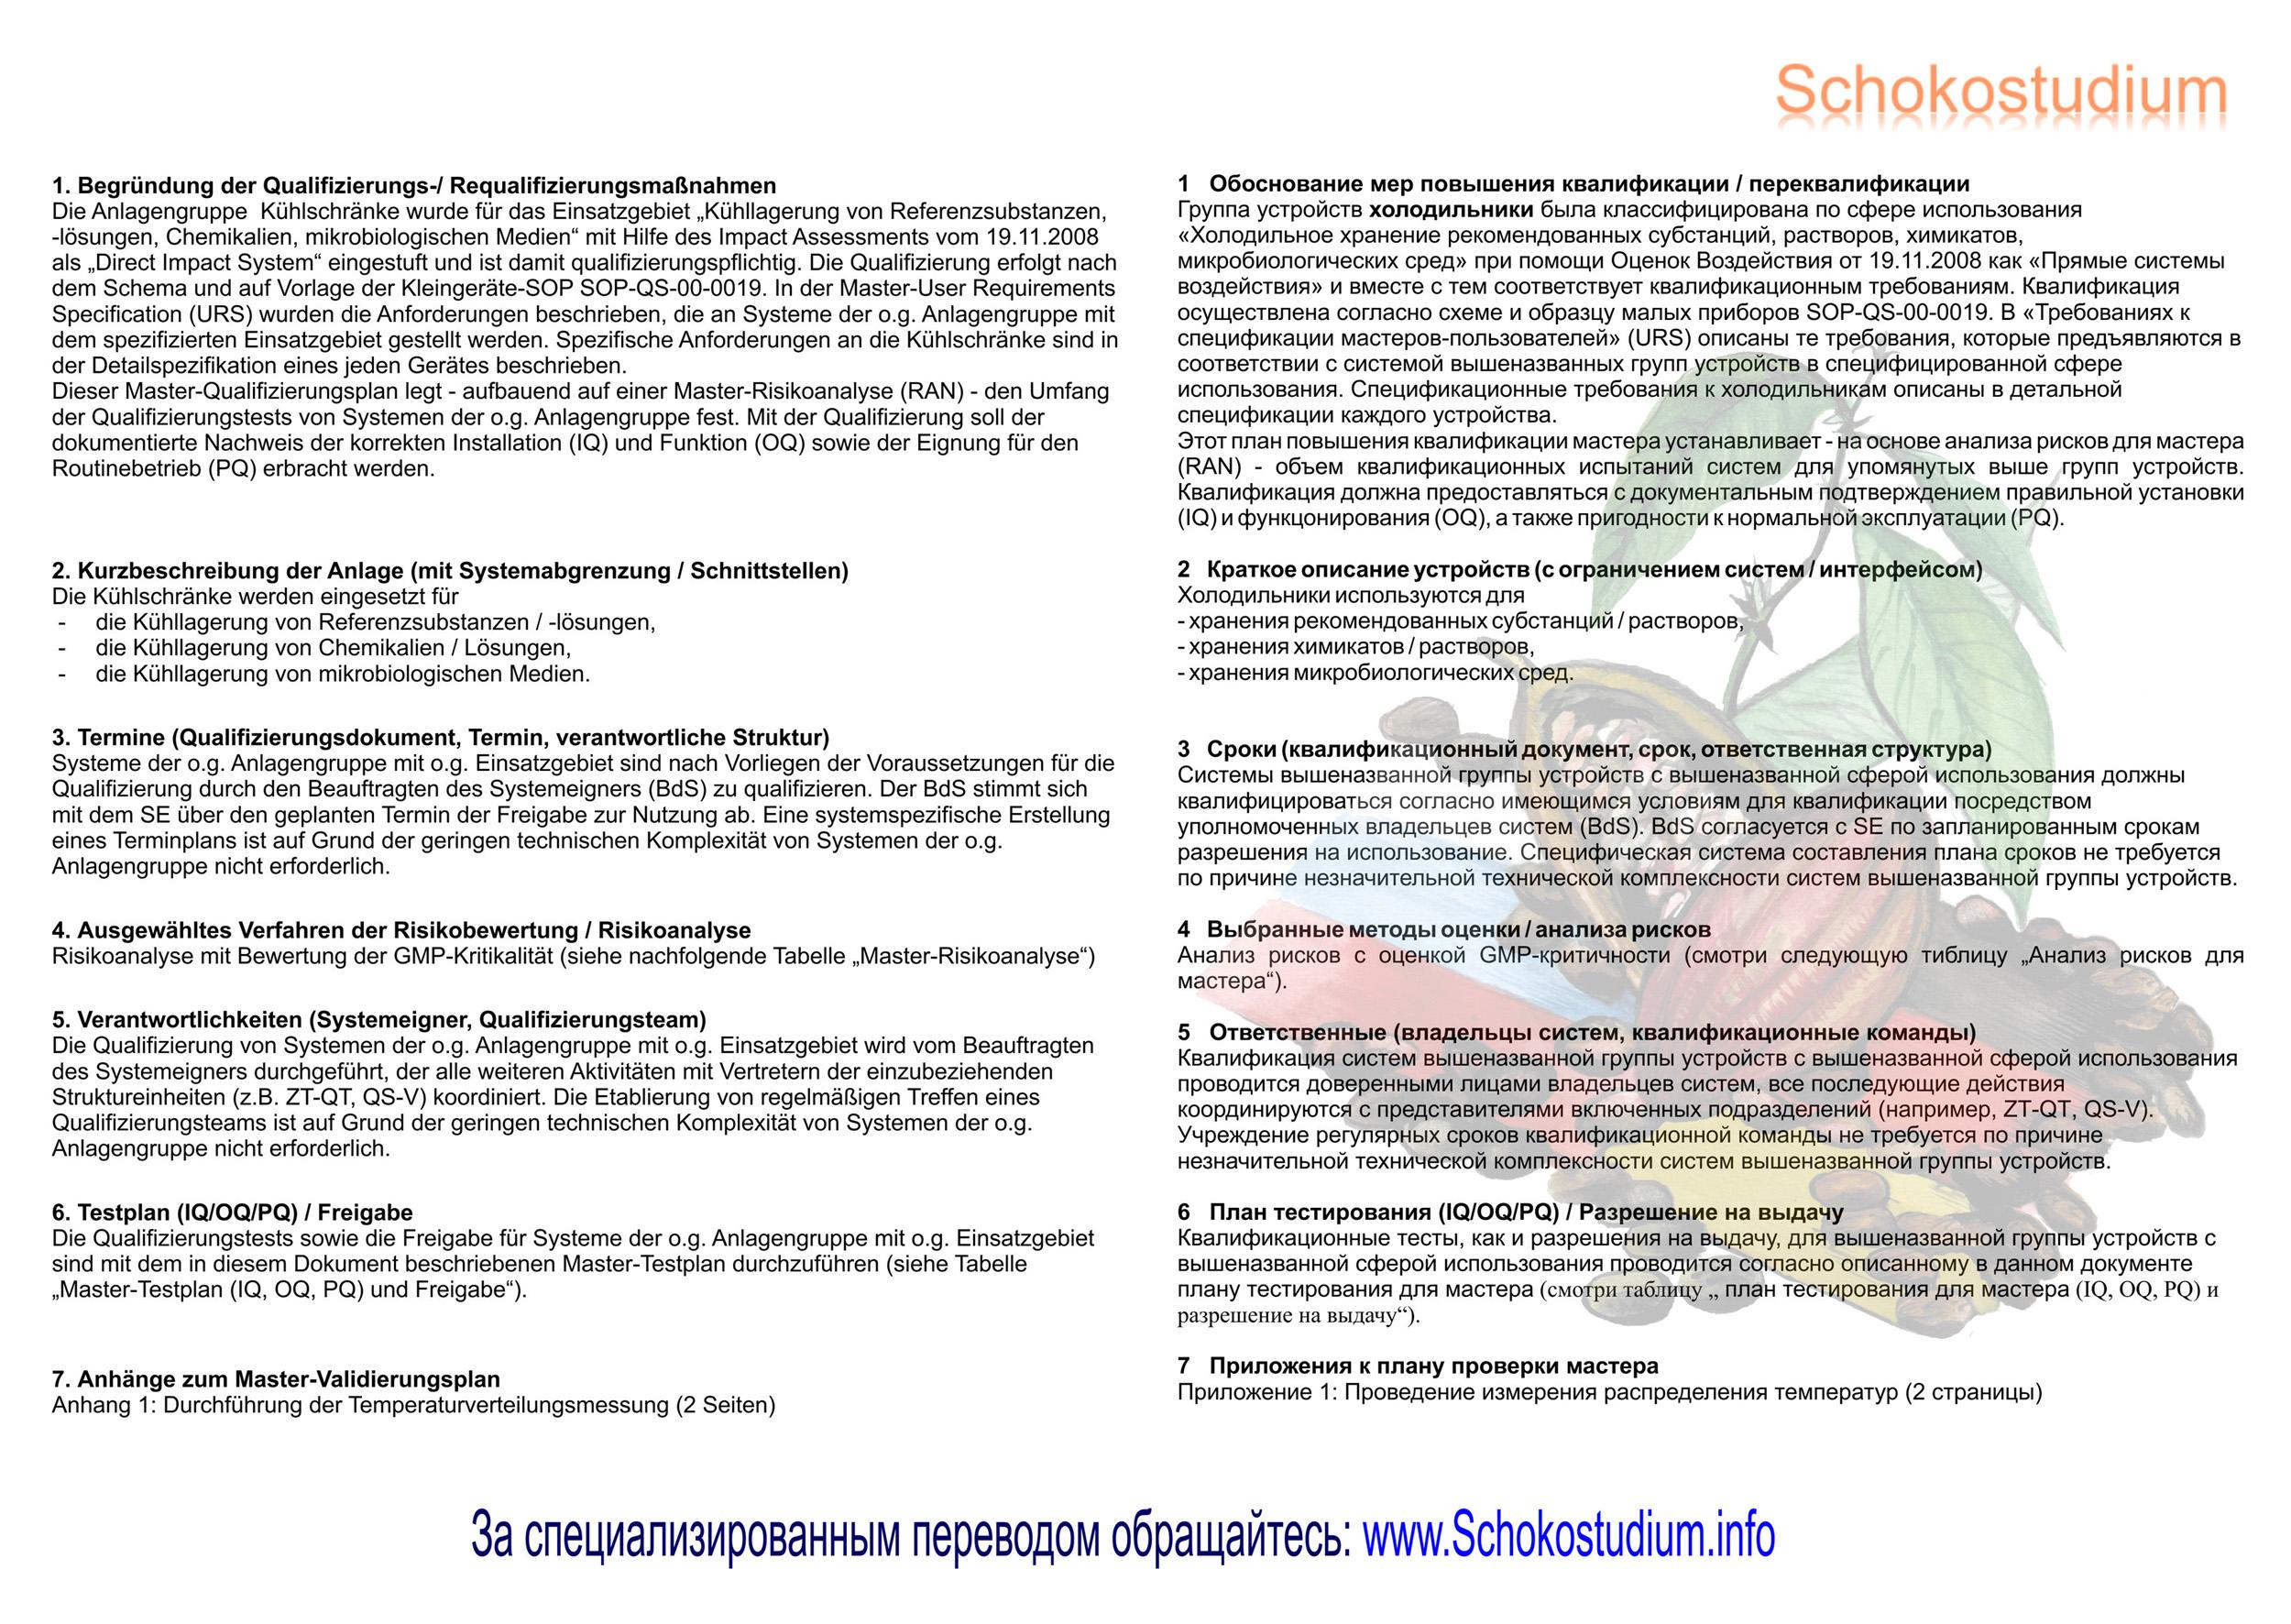 Gemütlich Master Validierungsplan Vorlage Fotos - Entry Level Resume ...